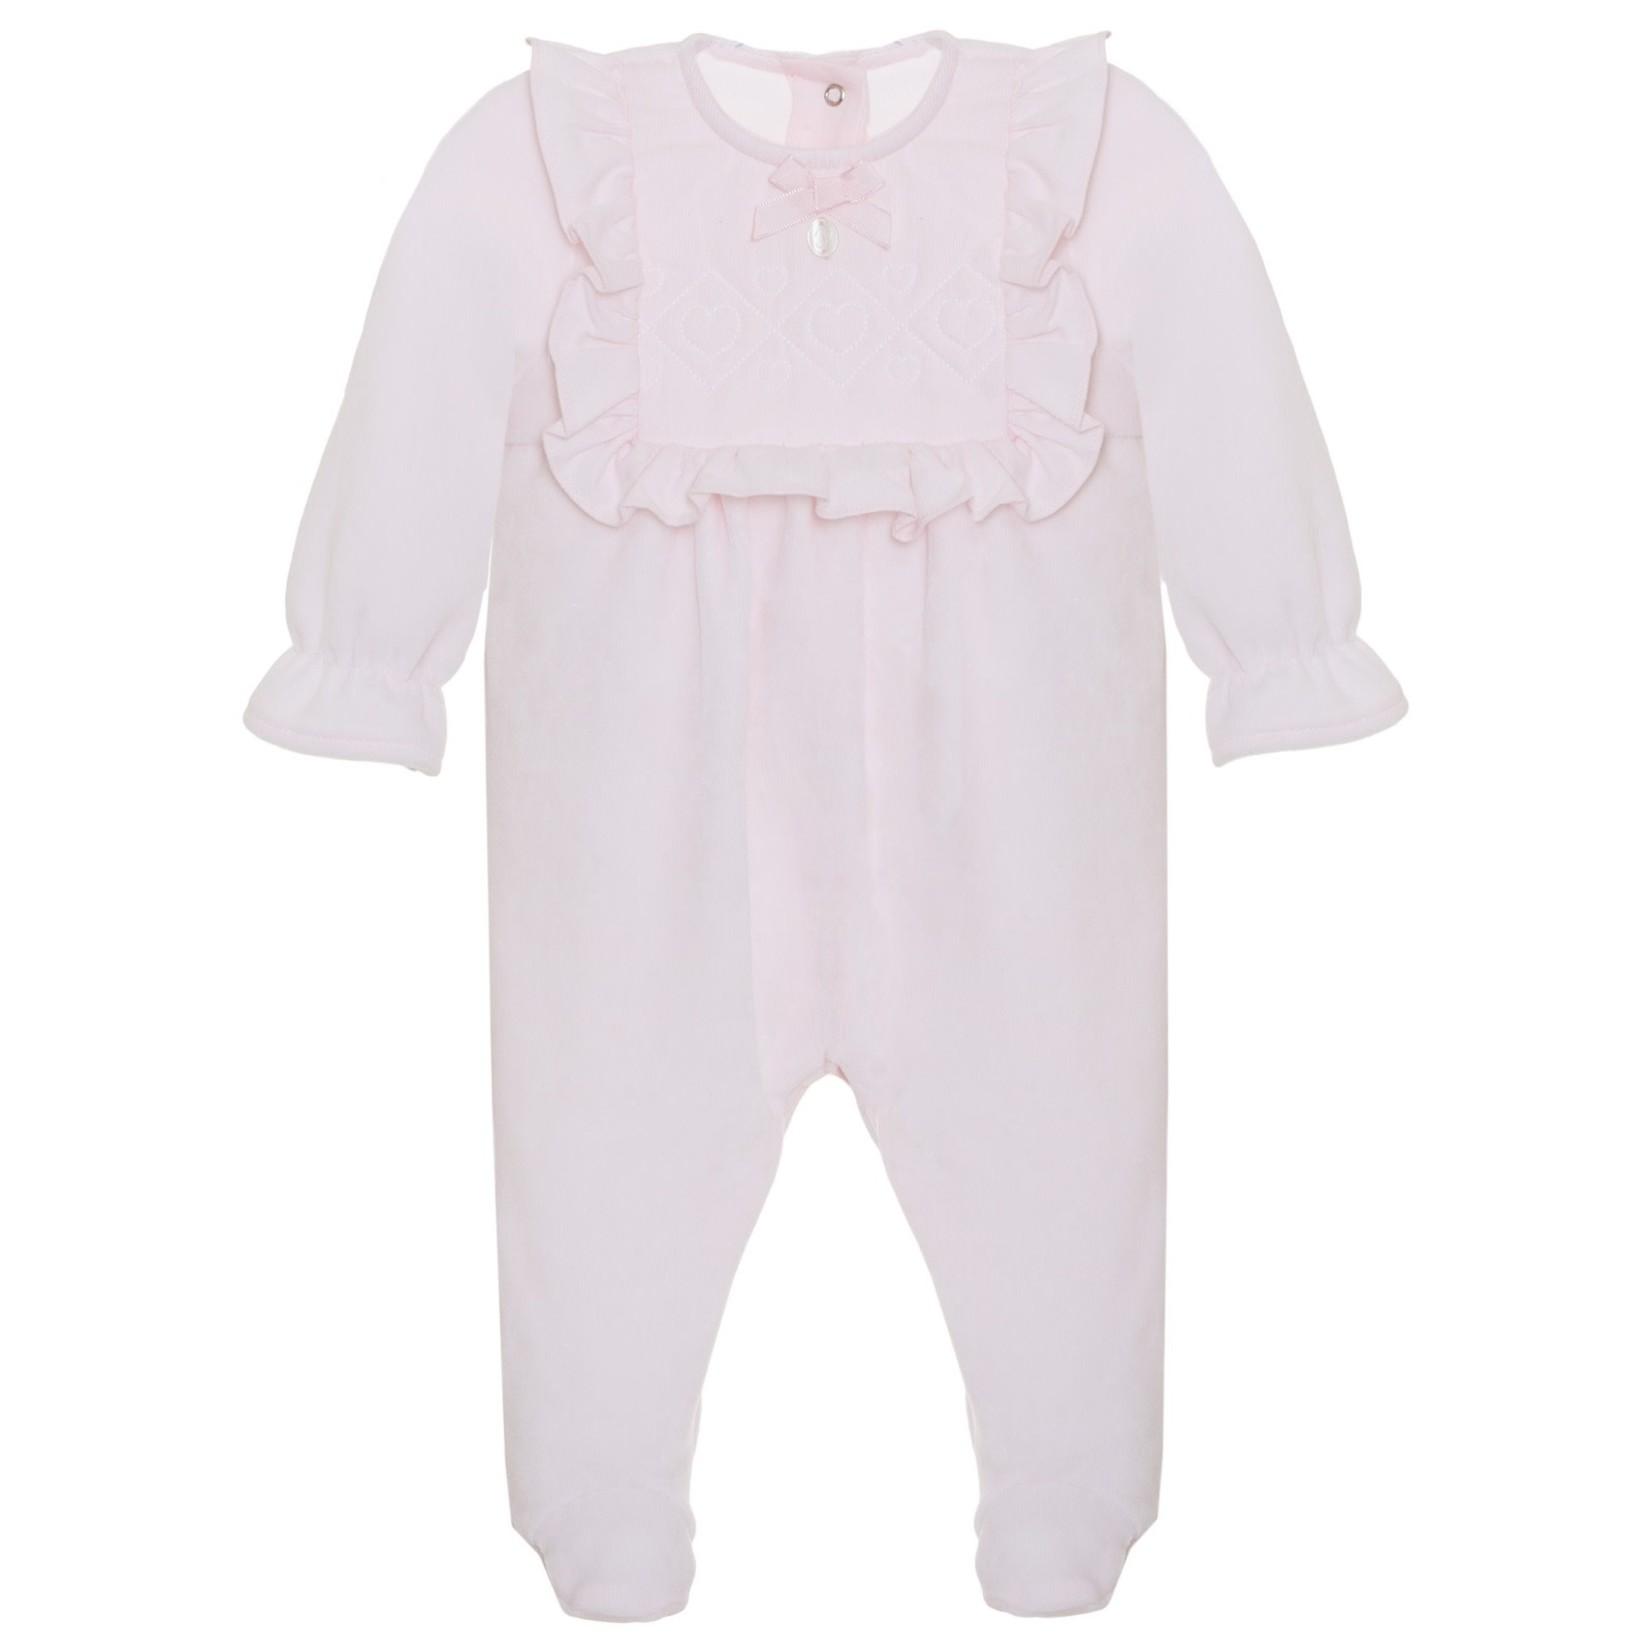 Newborn Baby Ruffle - Patachou